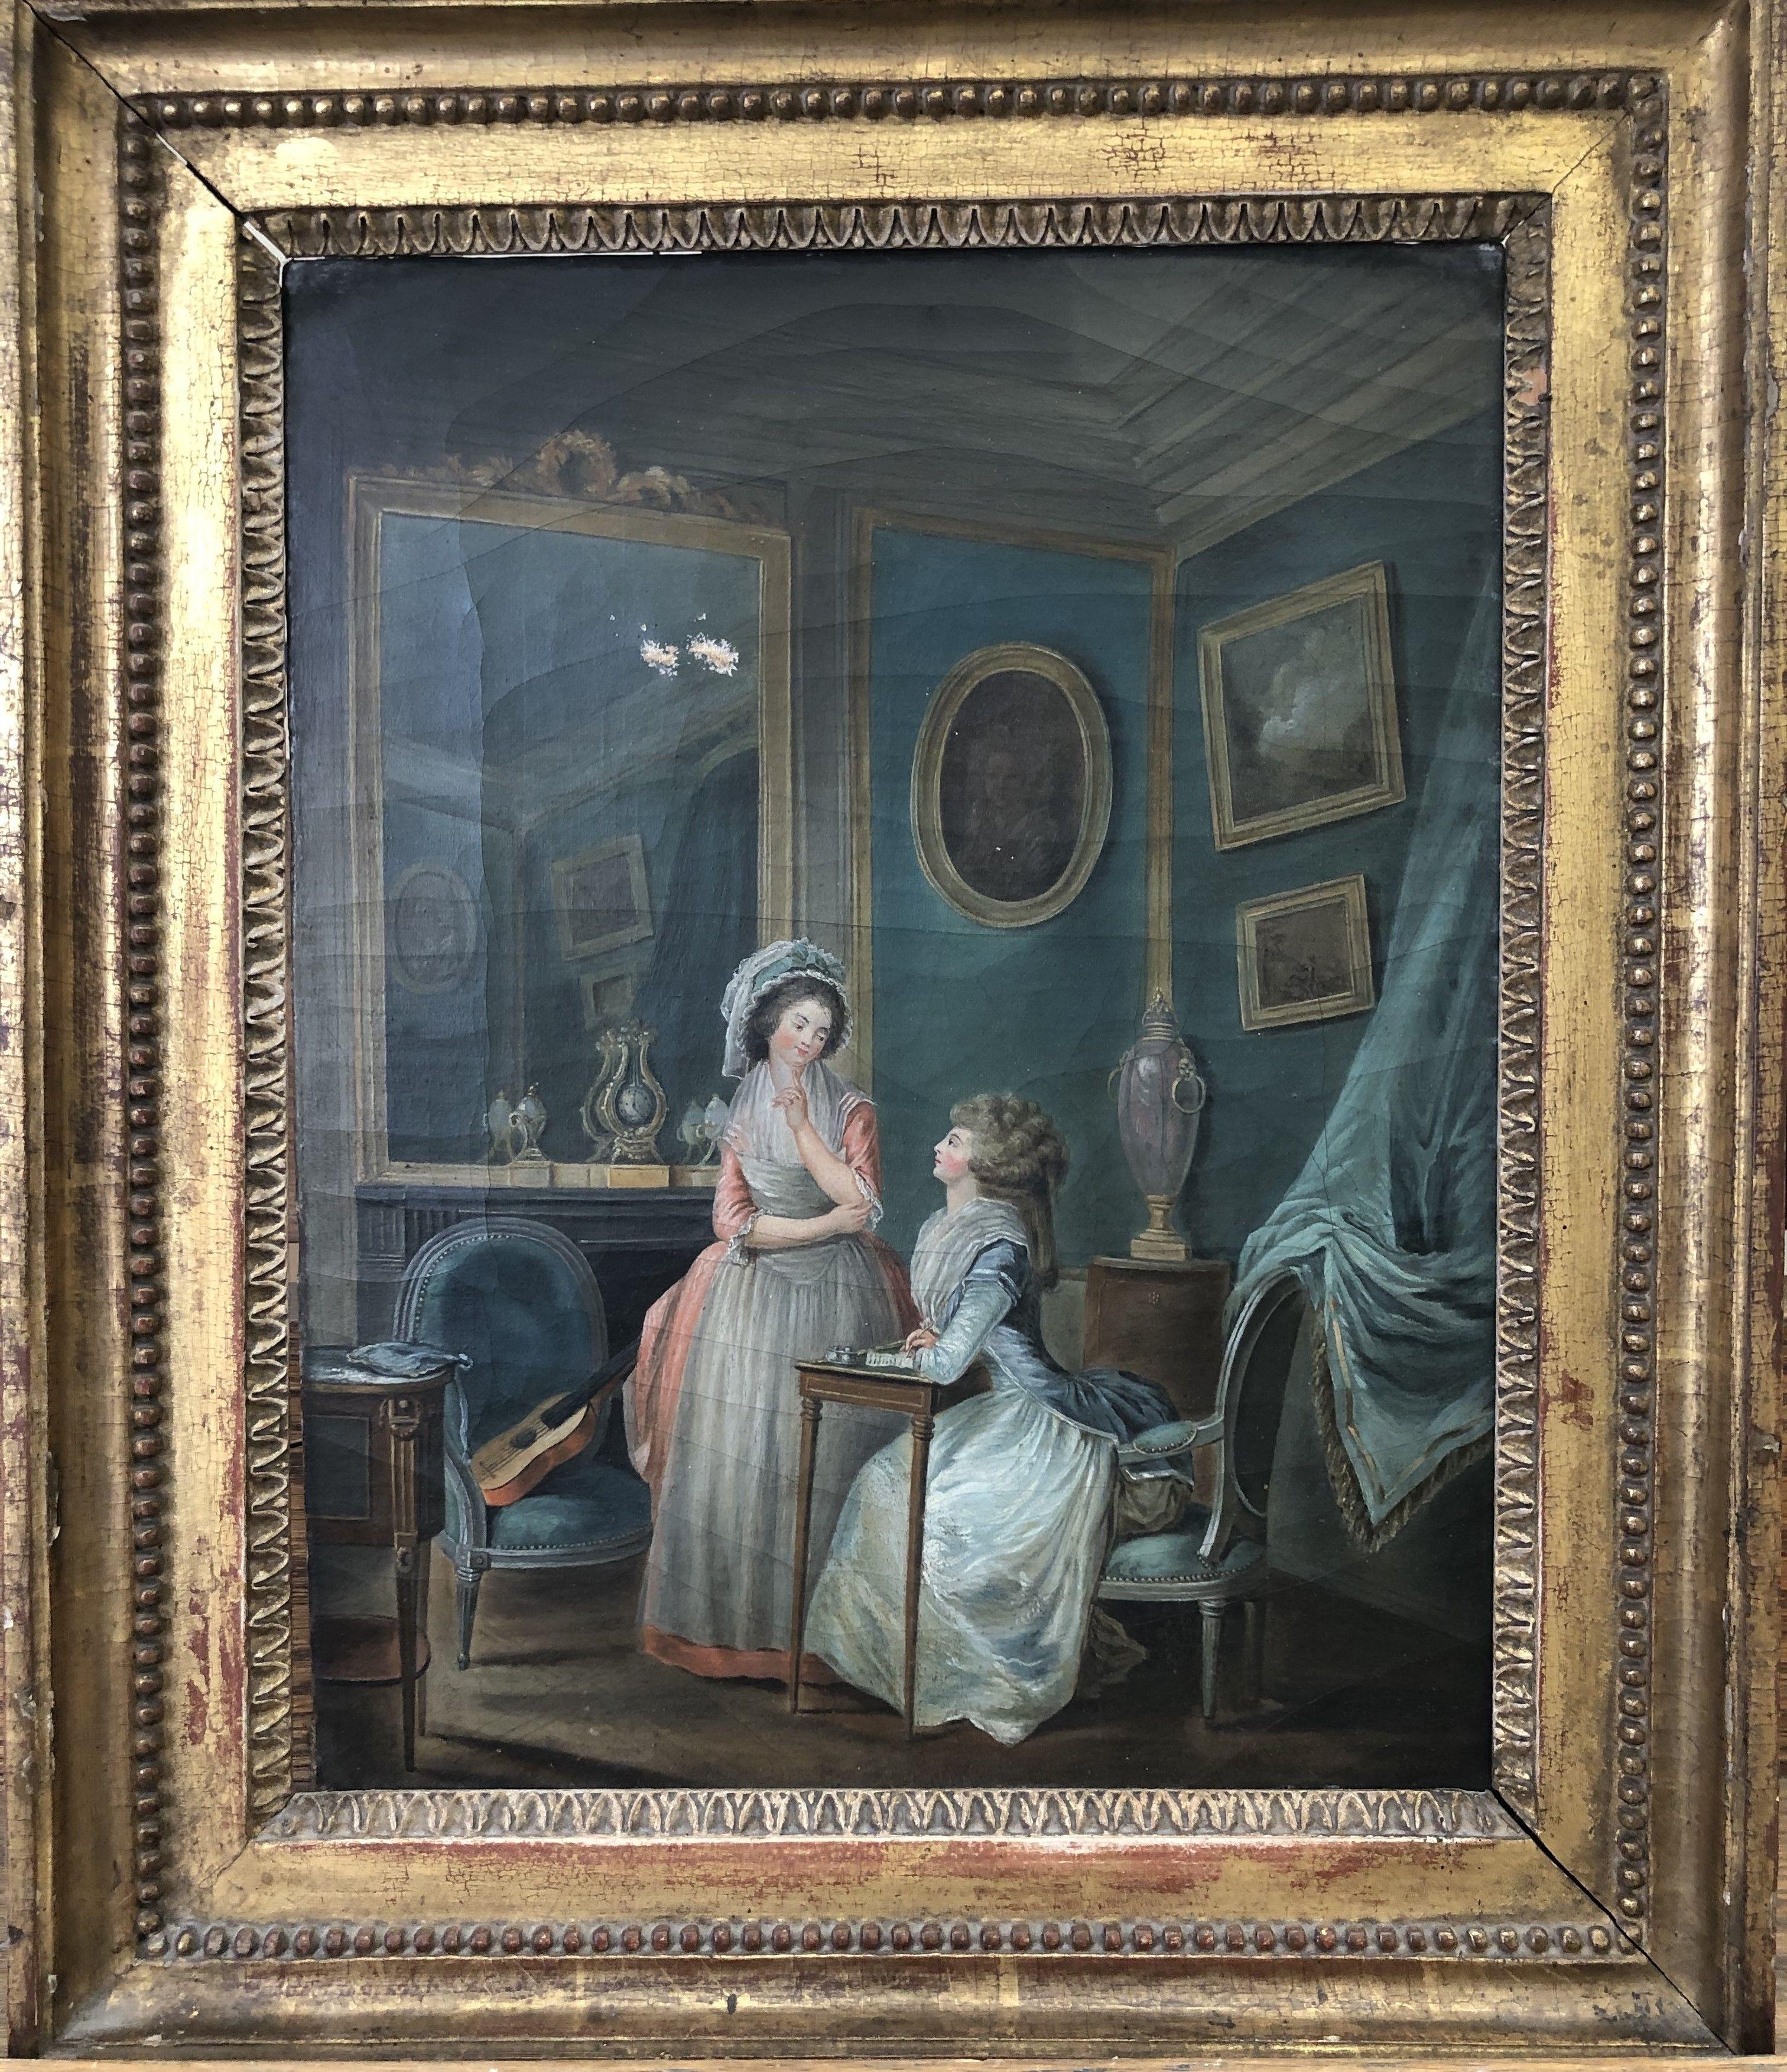 Ecole Francaise Fin Xviiie Siecle Scene D Interieur Art Oil Painting Antiques